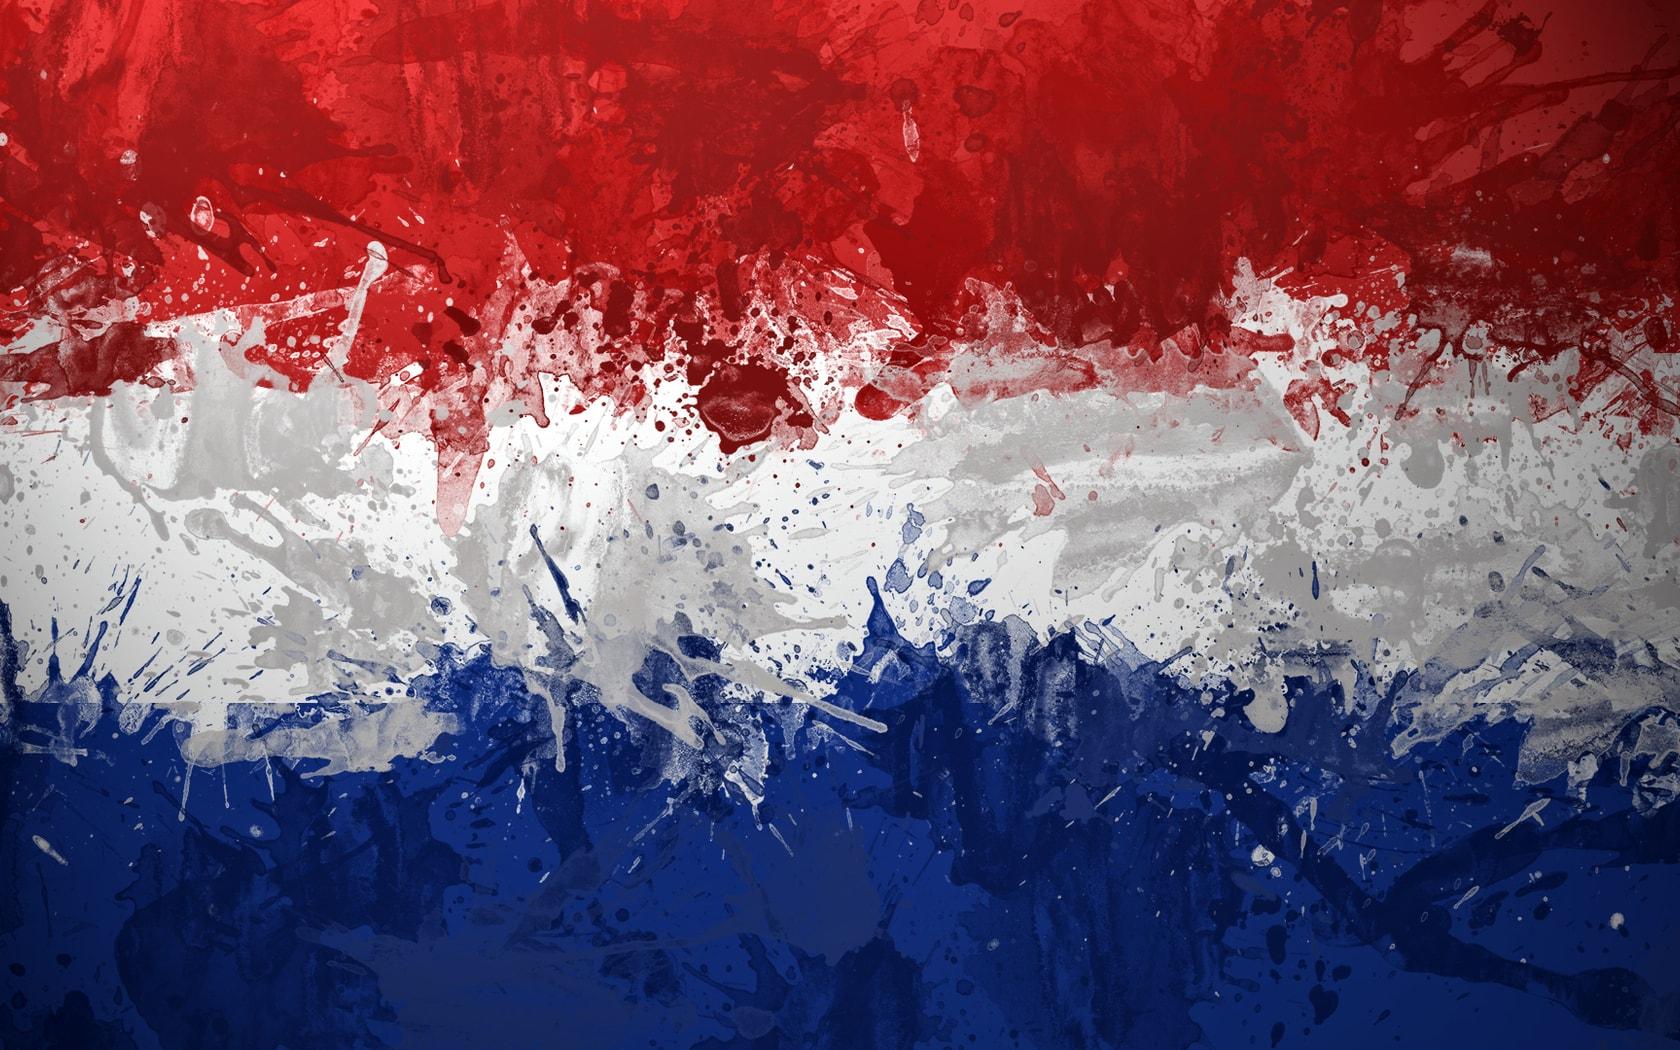 голландская экономика